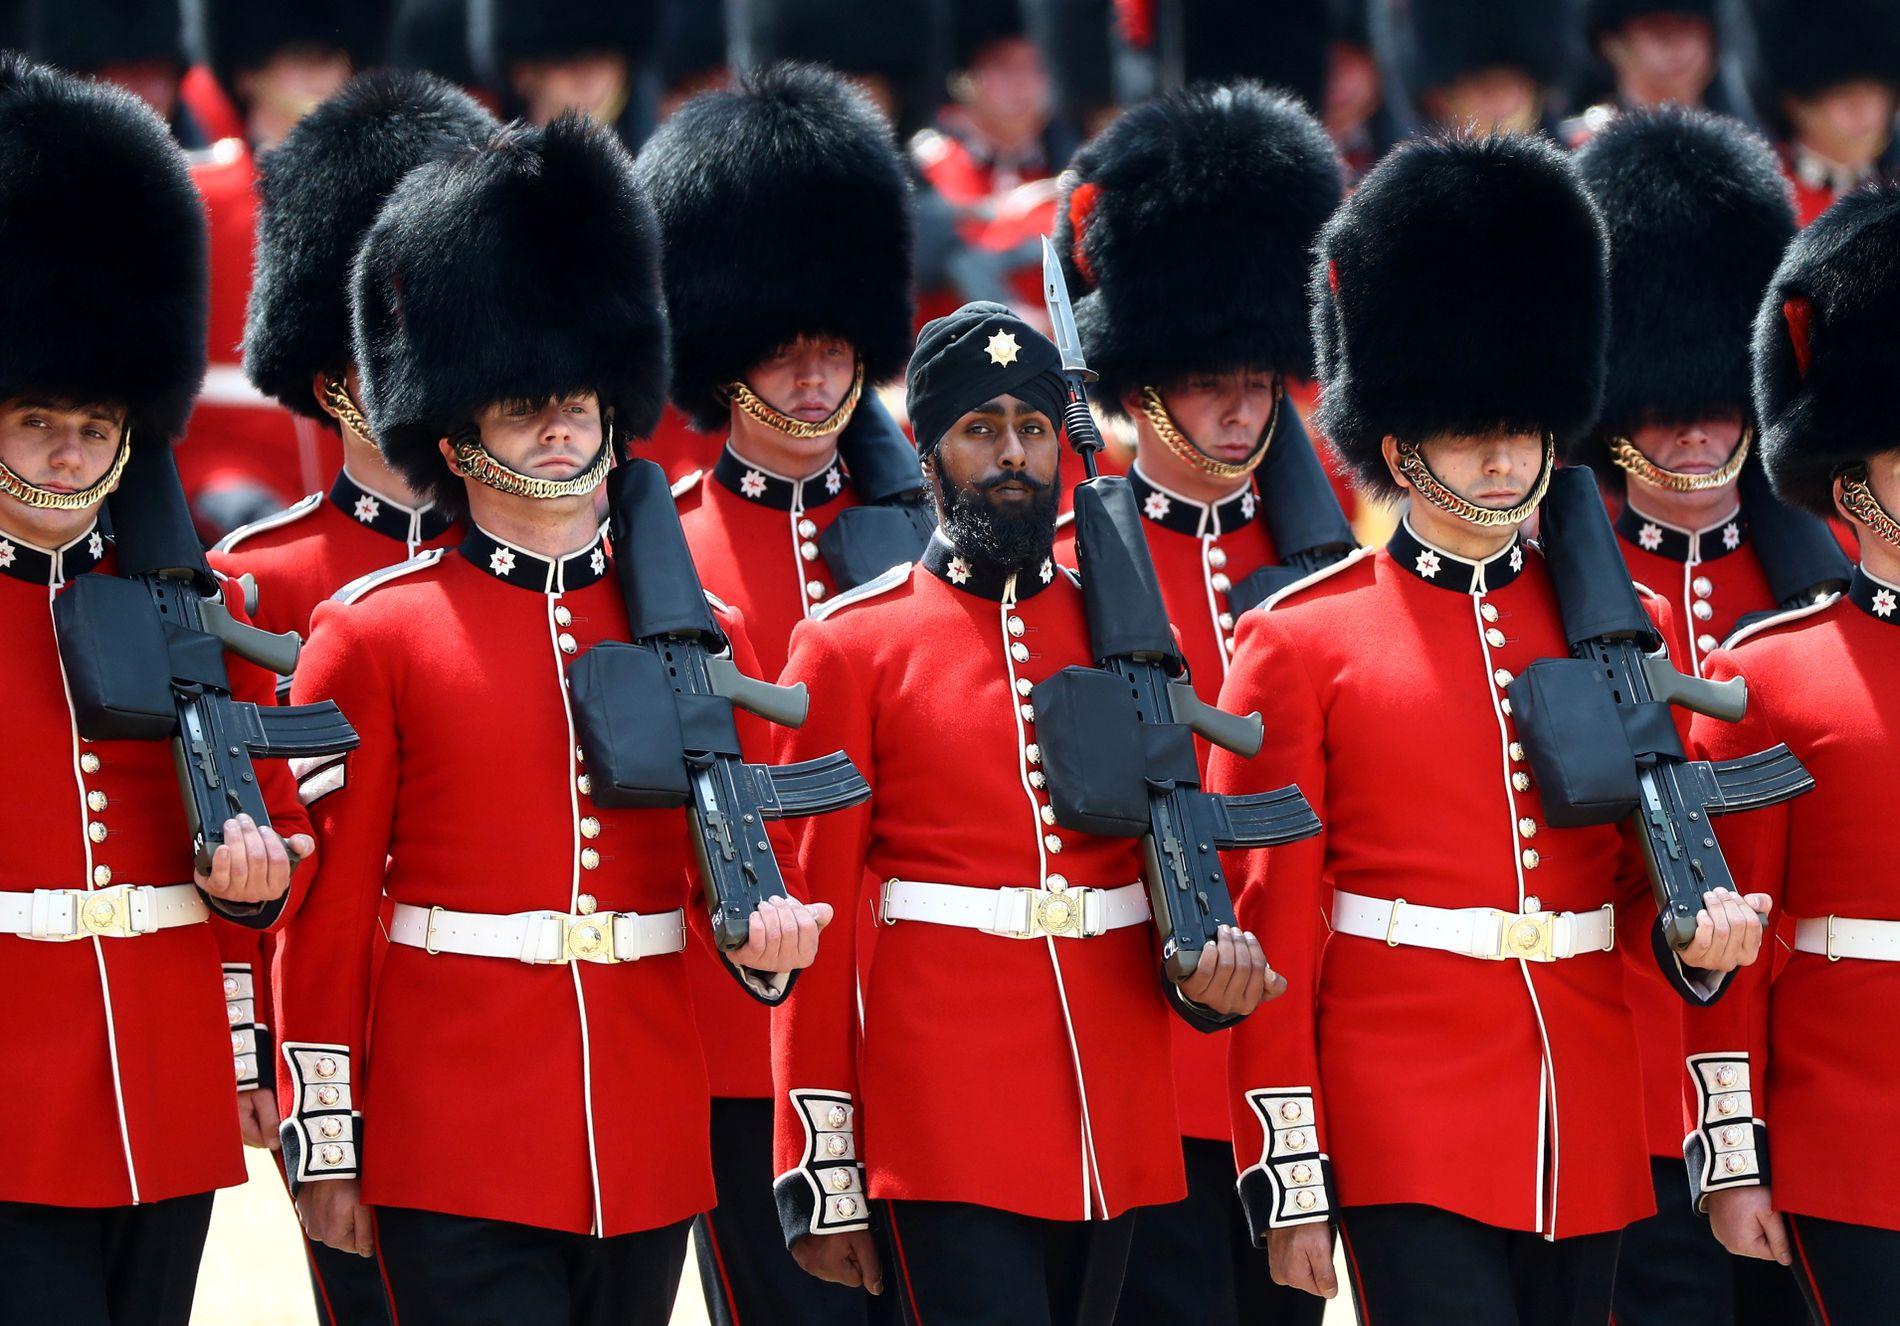 HISTORISK: Charanpreet Singh Lall (22) ble den første til å bære turban i den britiske garden.